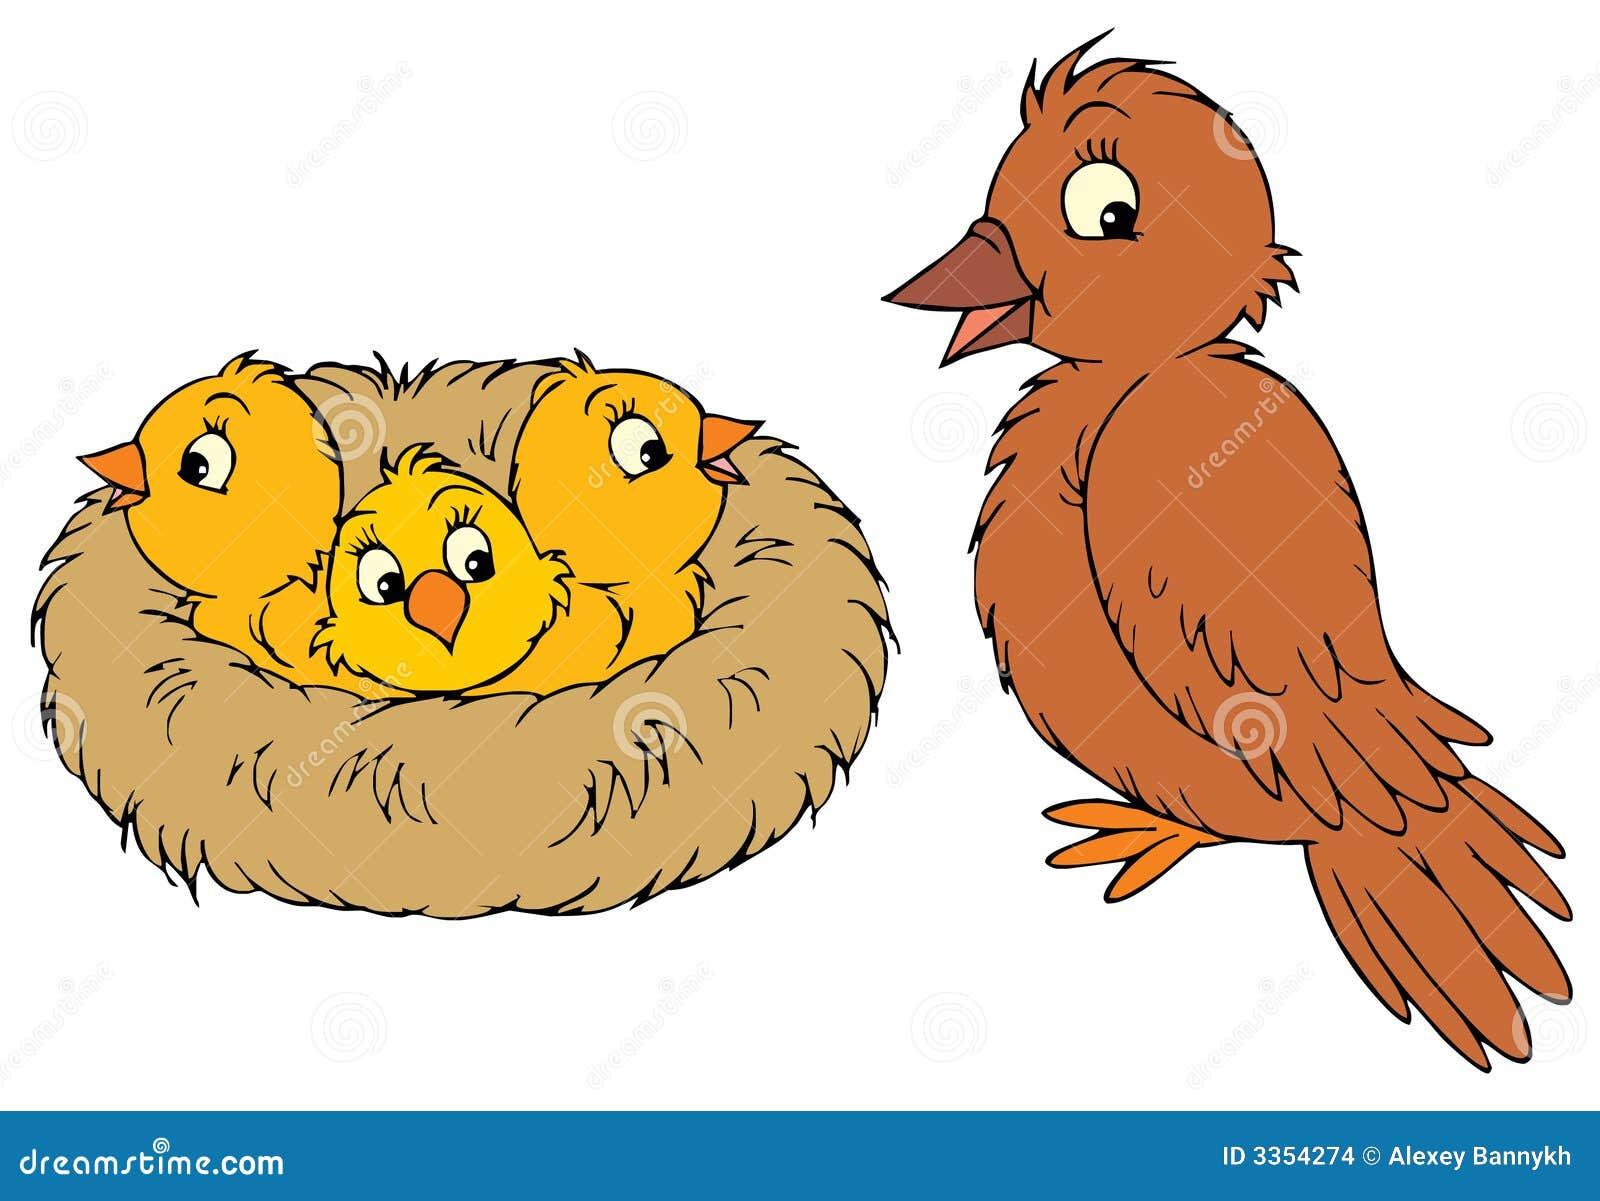 Vector clip-art / children's illustration for yours design.